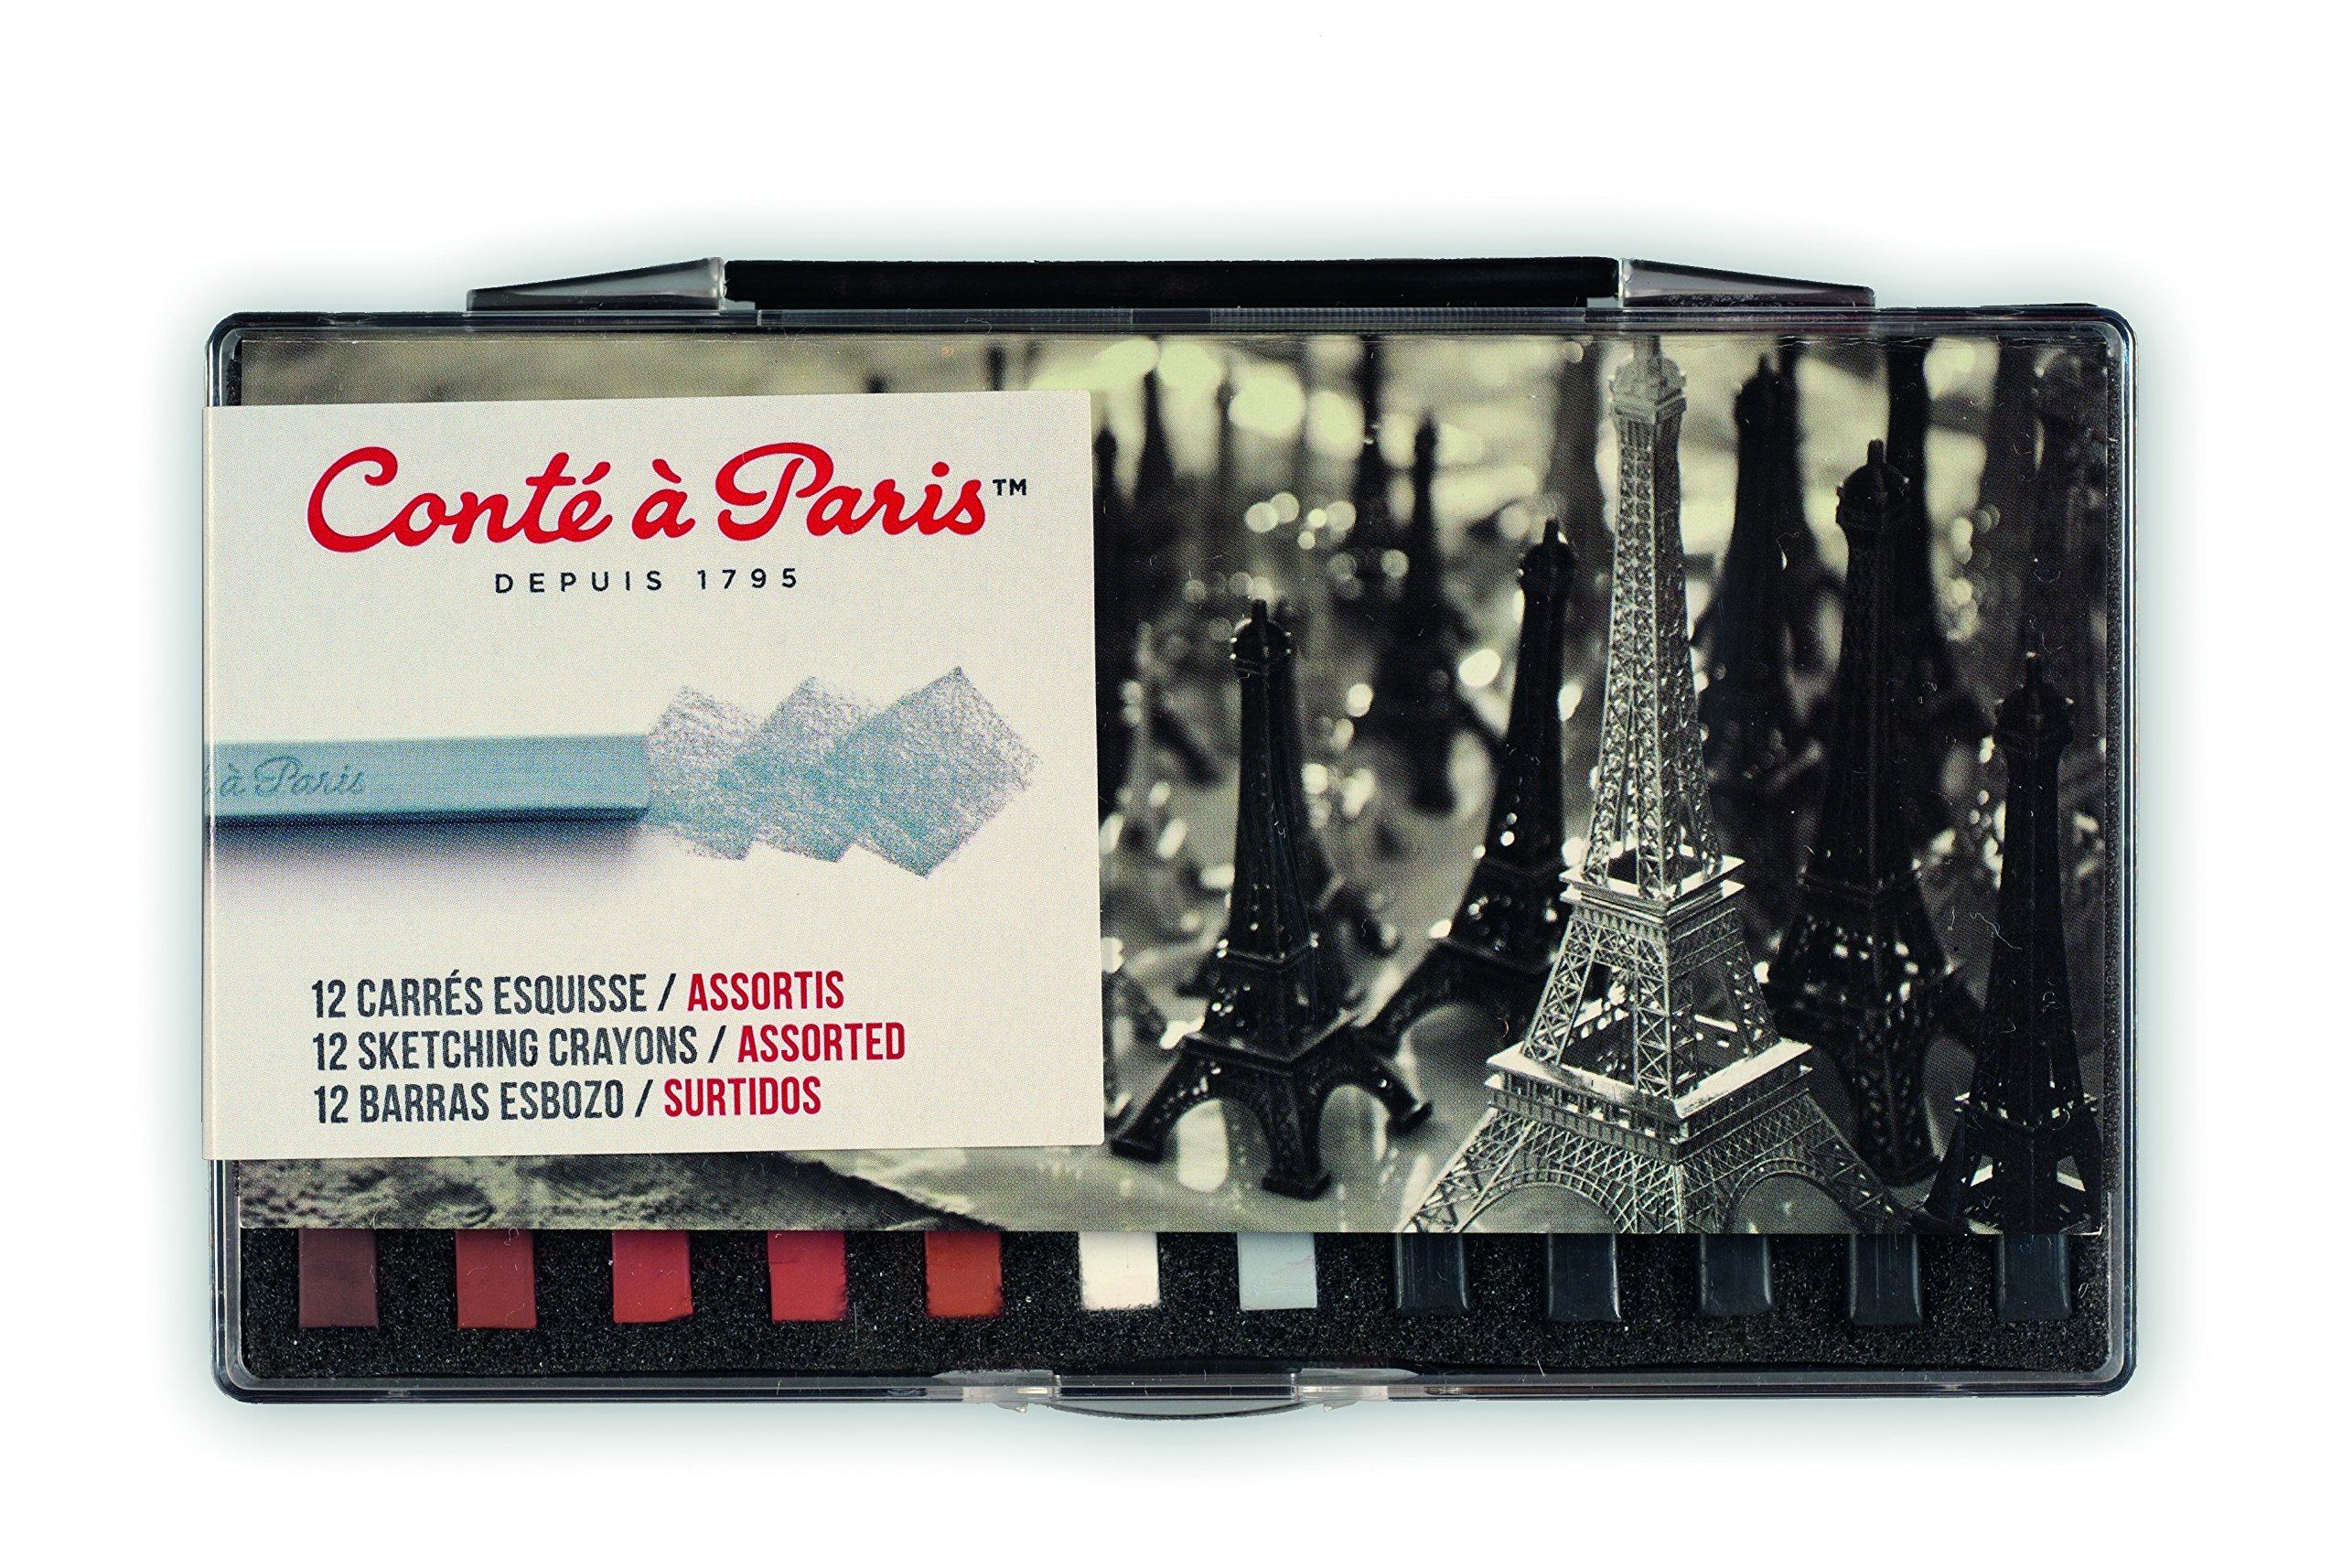 Conté à Paris Sketching Crayons Set with 12 Assorted Colors by Cont  Paris (Image #1)